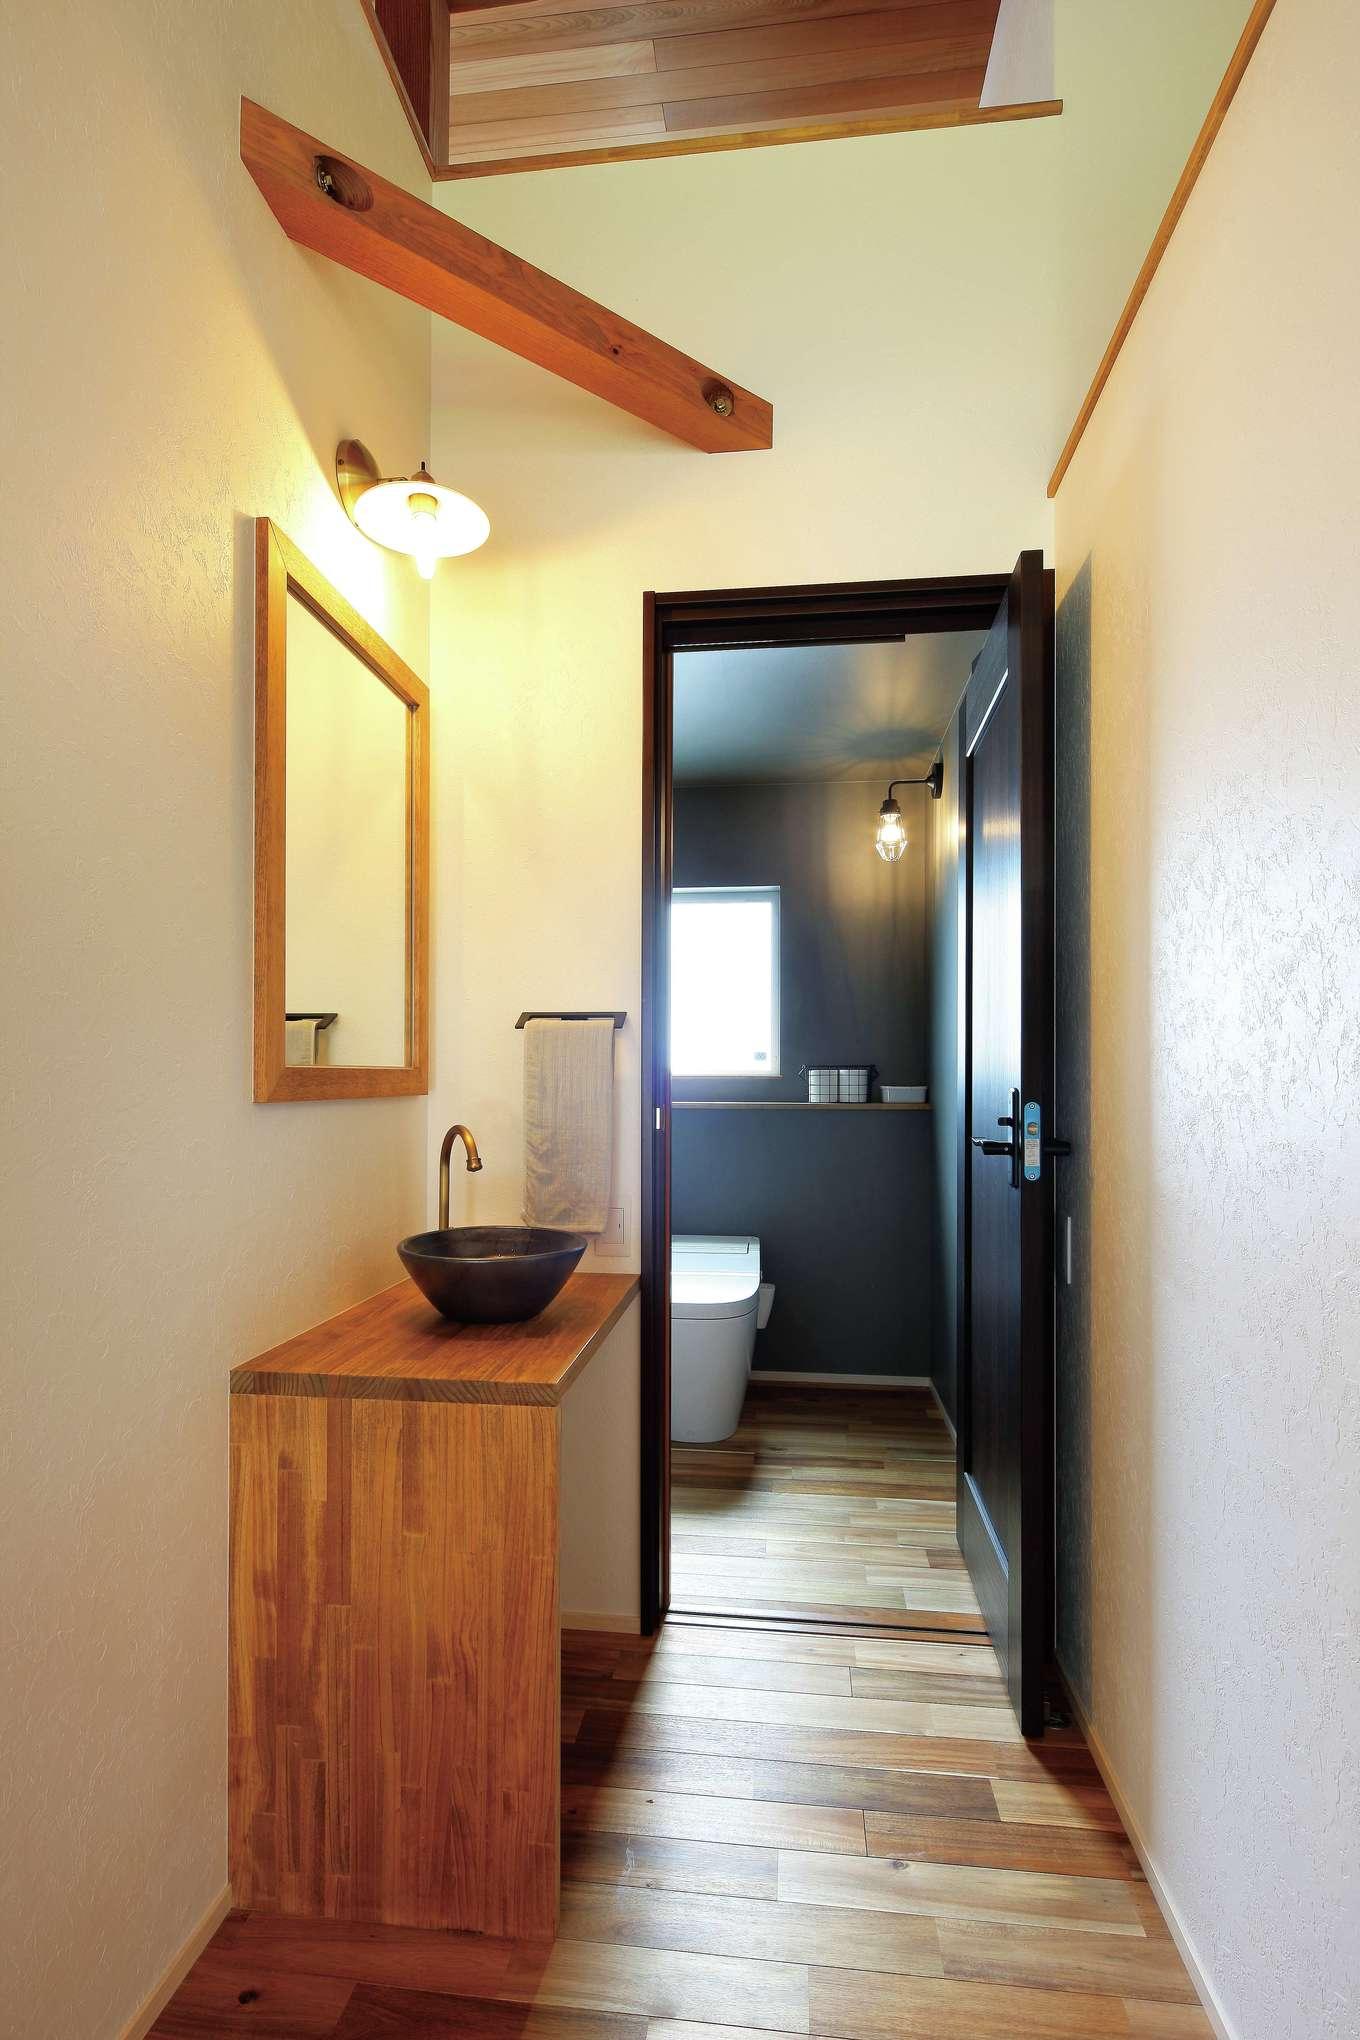 共感住宅 ray-out (レイアウト)【デザイン住宅、趣味、間取り】水回りも家全体のテイストに合わせてコーディネート